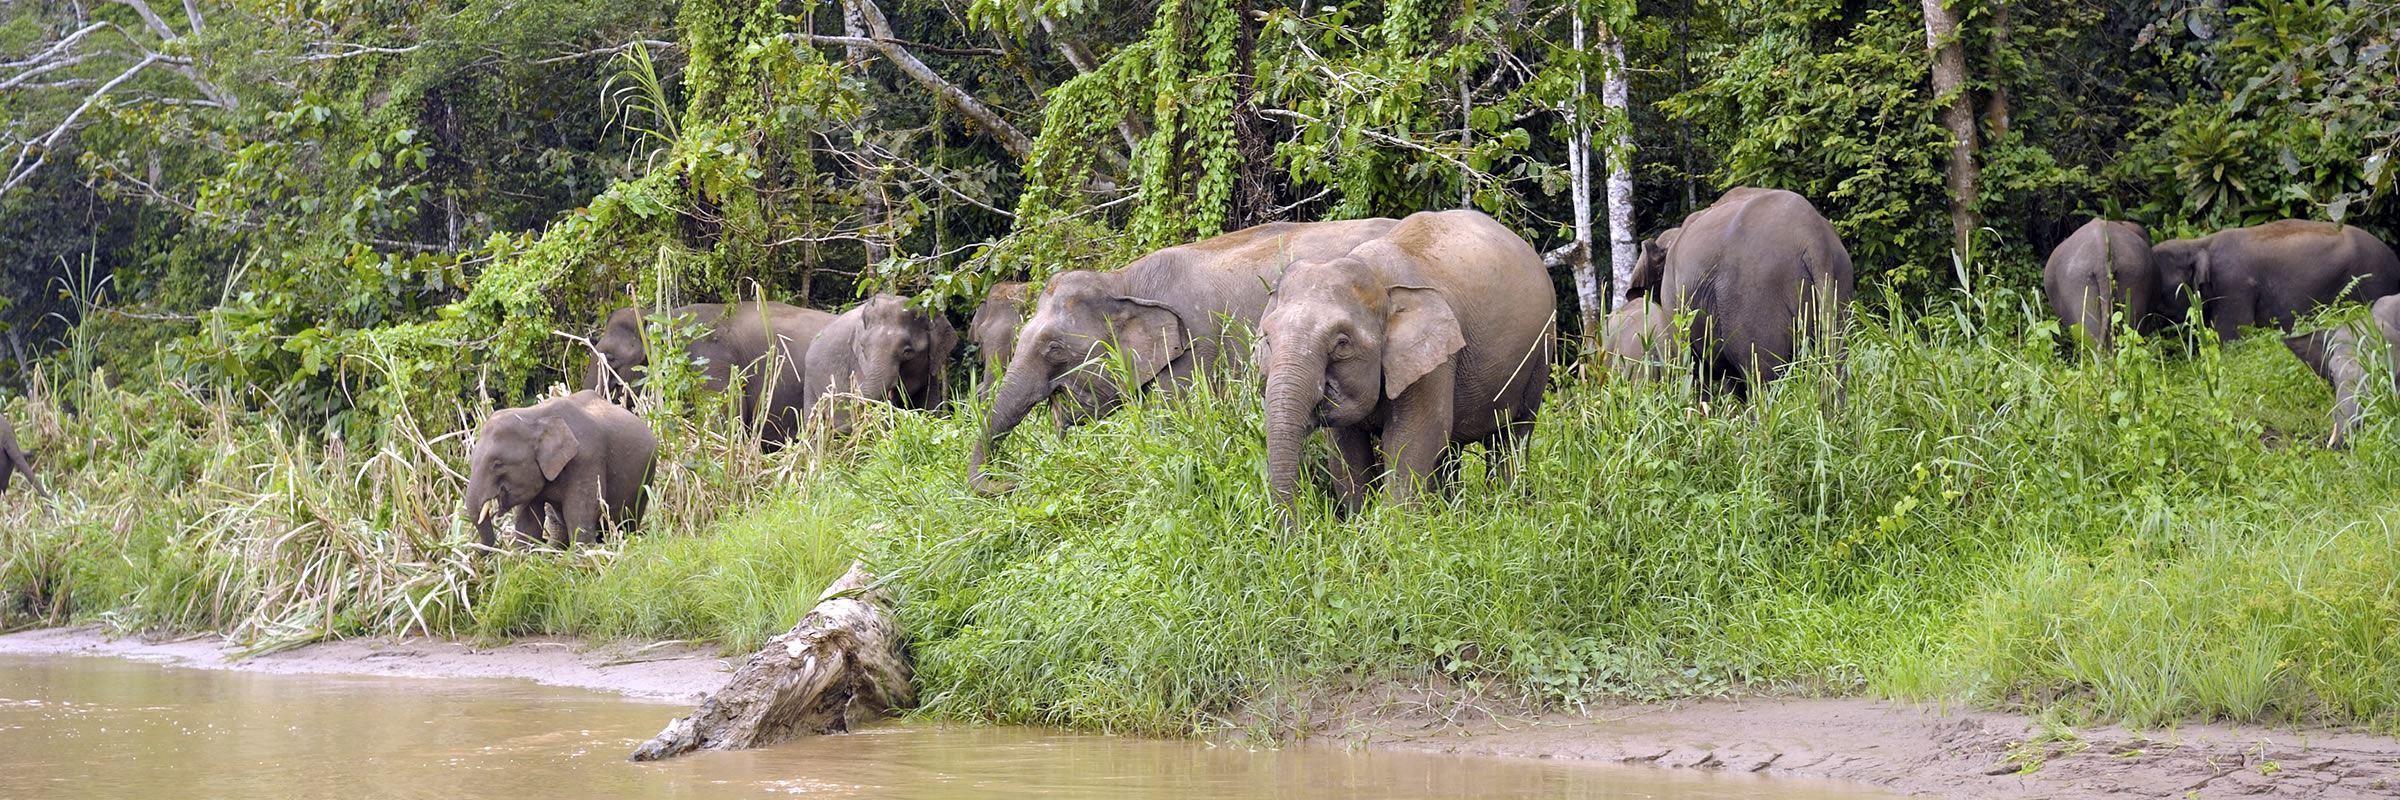 Pygmy elephants in Tabin Wildlife Reserve